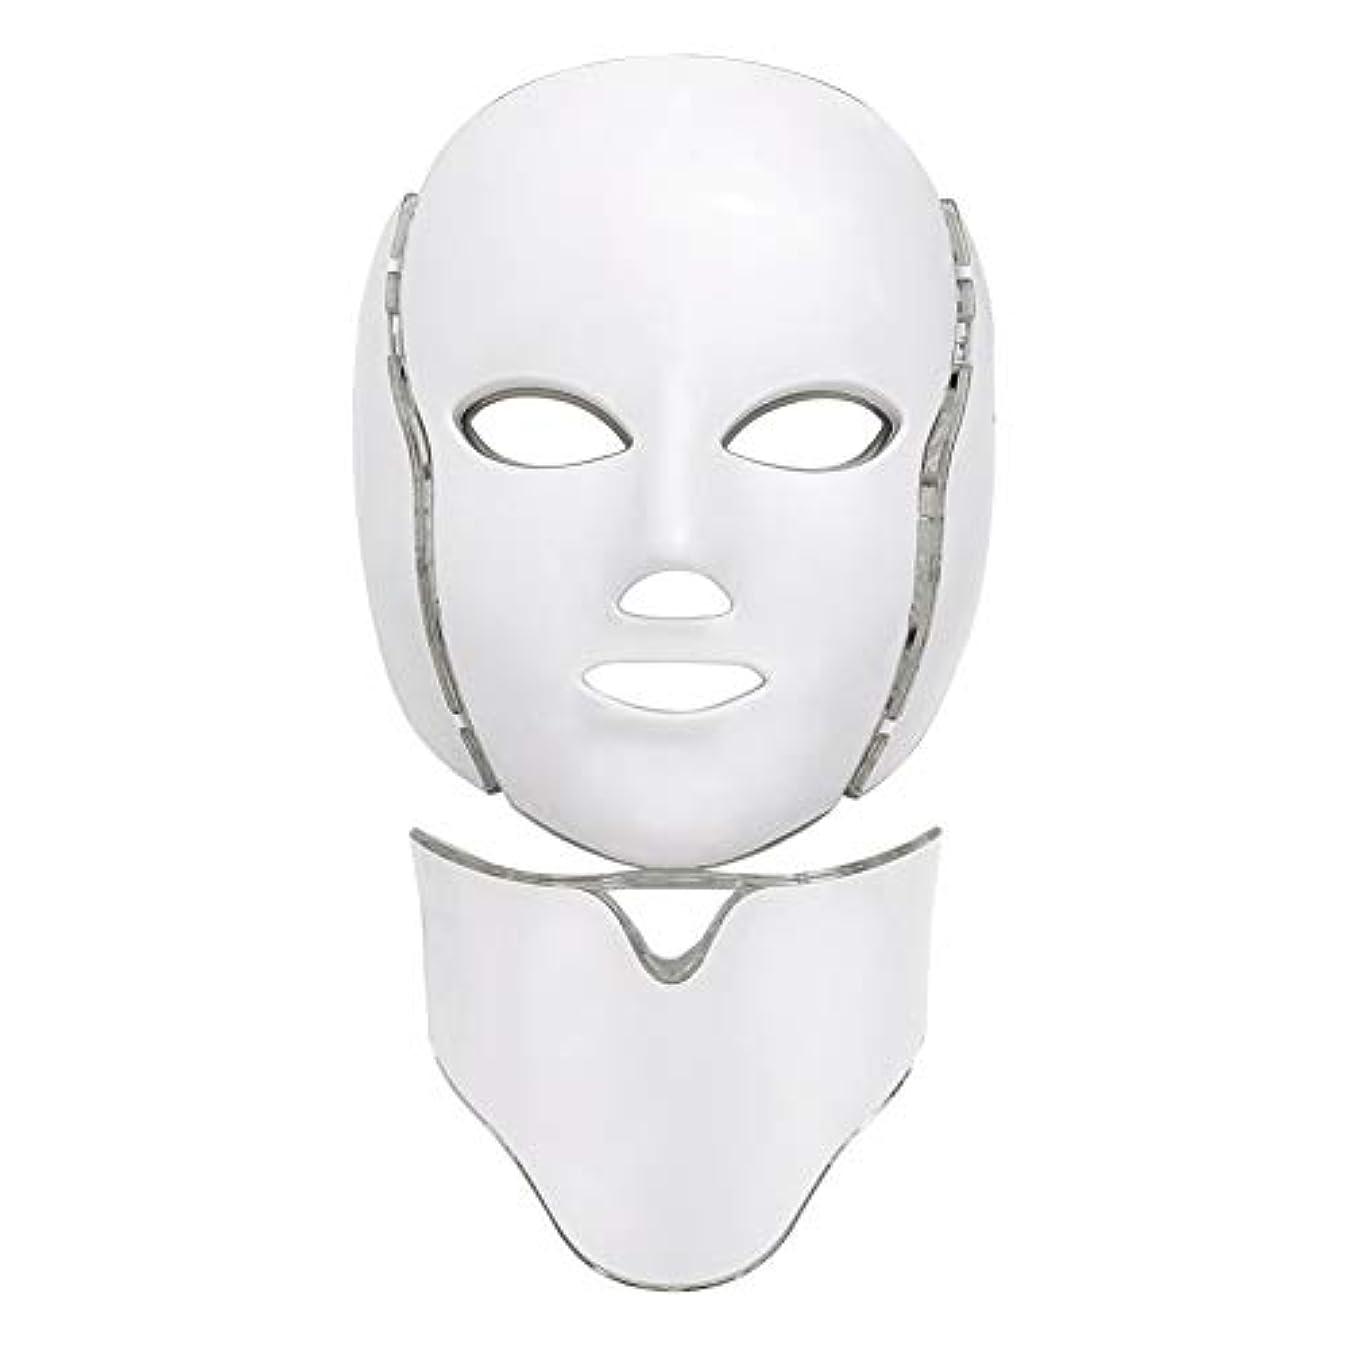 メディックオーバーヘッド将来の光療法フェイスマスク、LED光子療法7色光美容光療法治療マスク顔肌若返り顔PDT美容フェイシャルケア、顔首抗しわ顔にきび除去